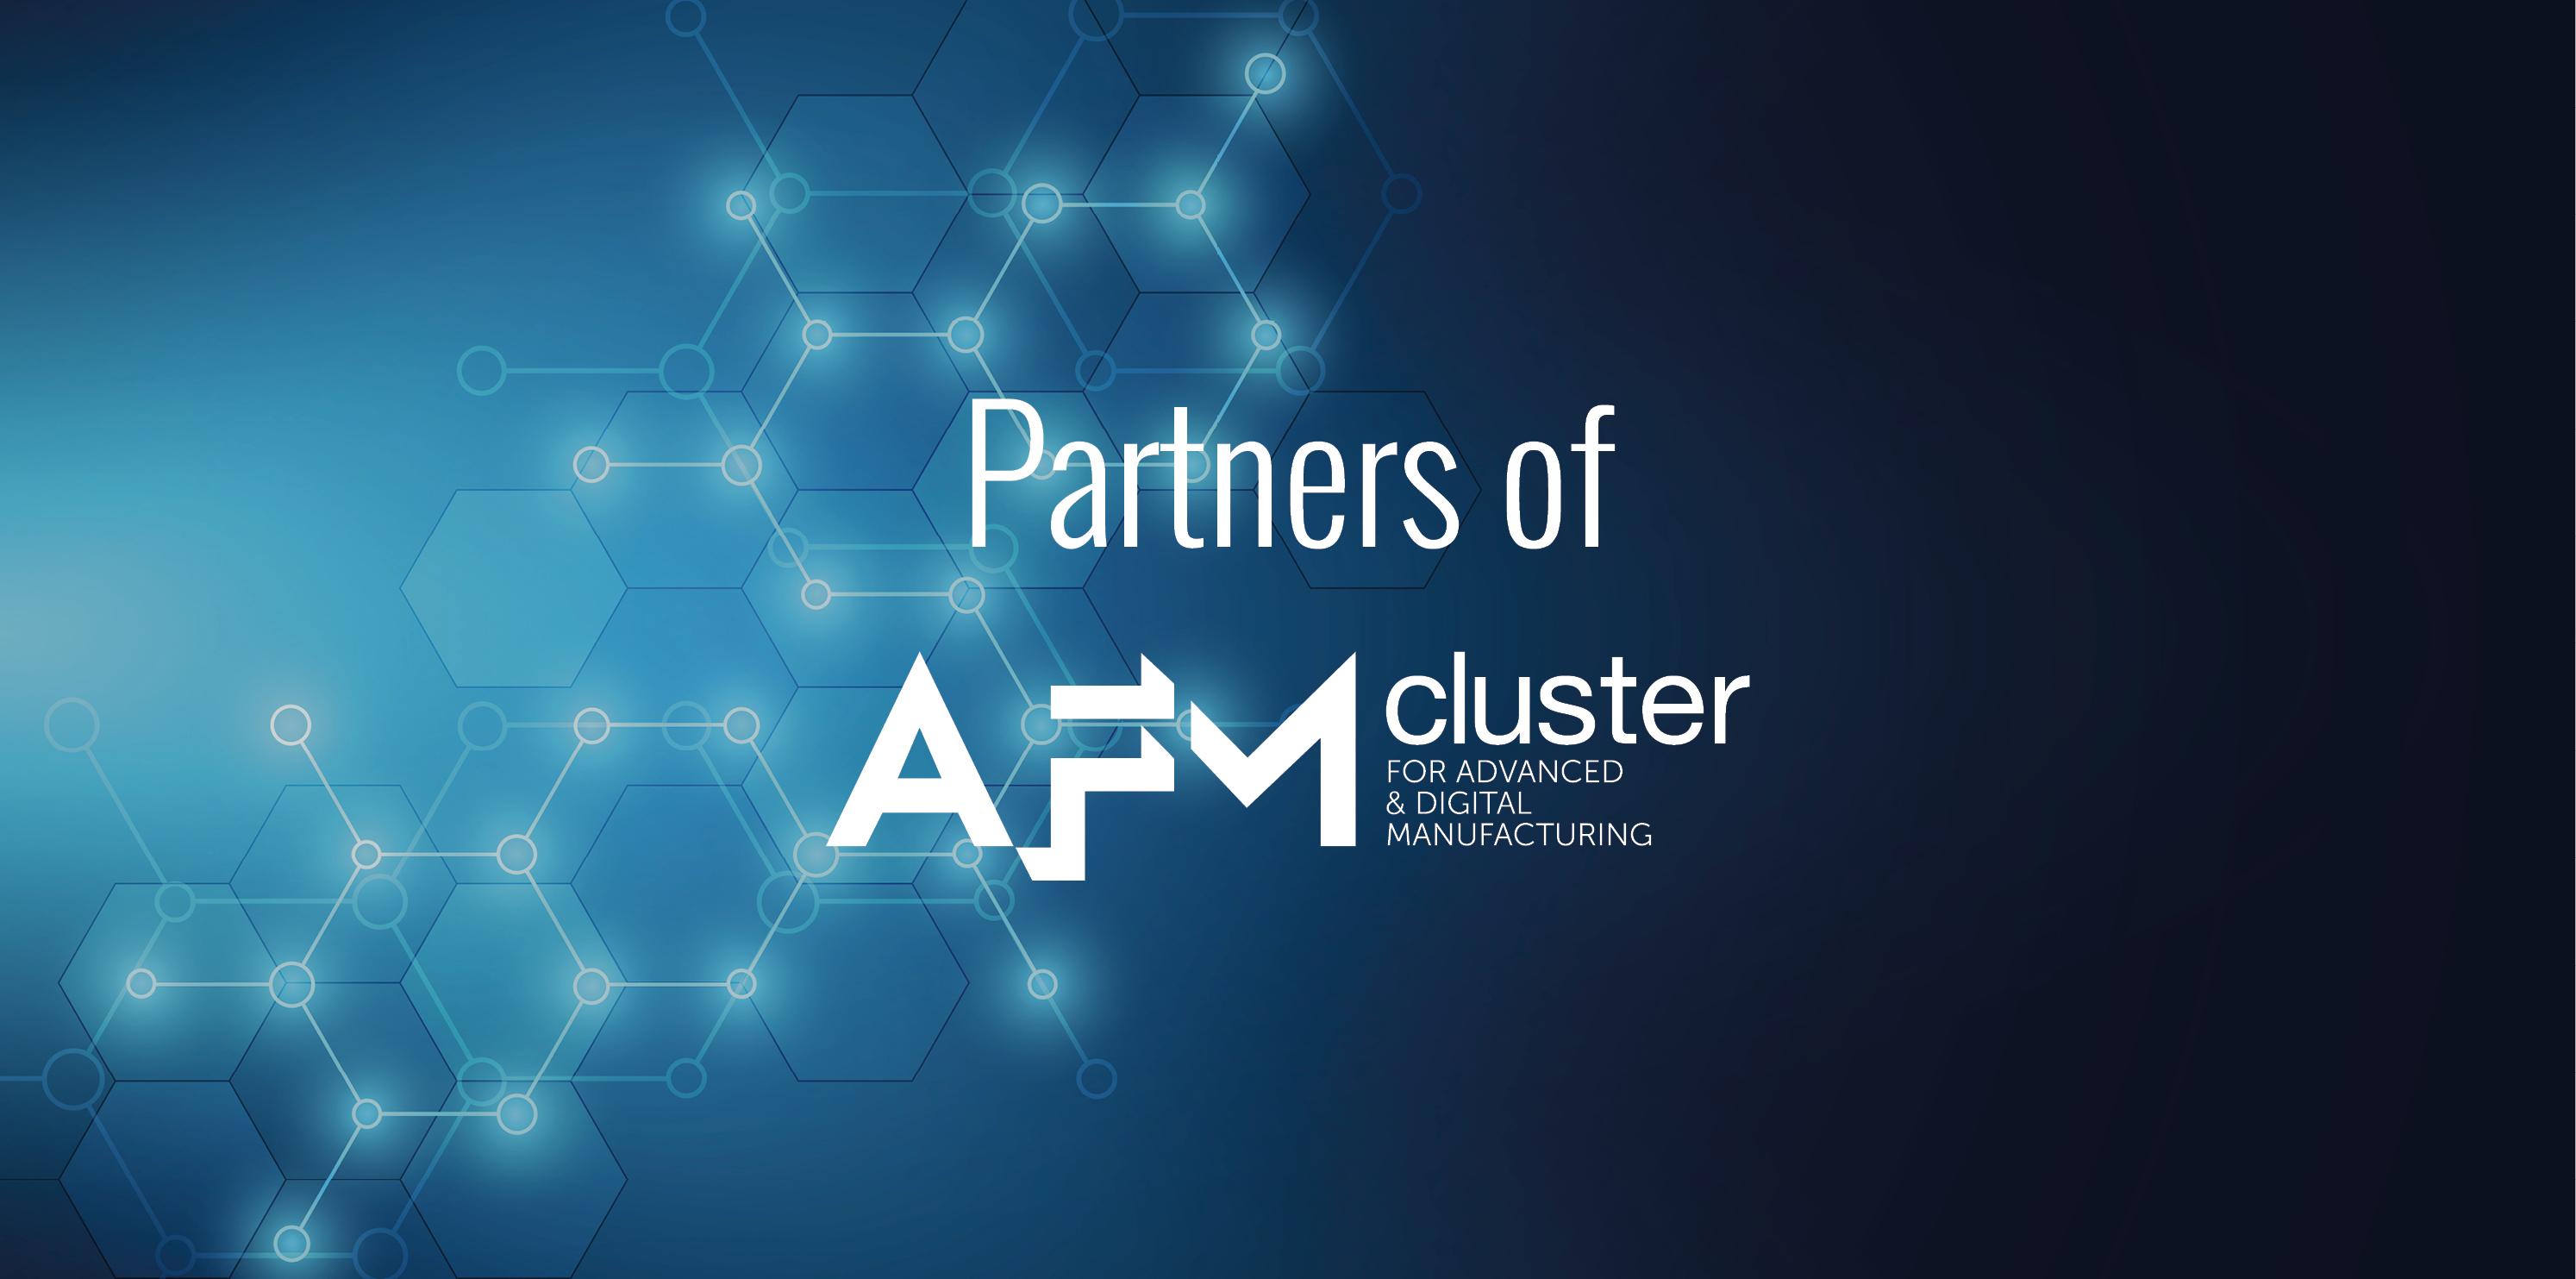 Ingresan tres nuevas empresas en el colectivo de Partners de AFM Cluster